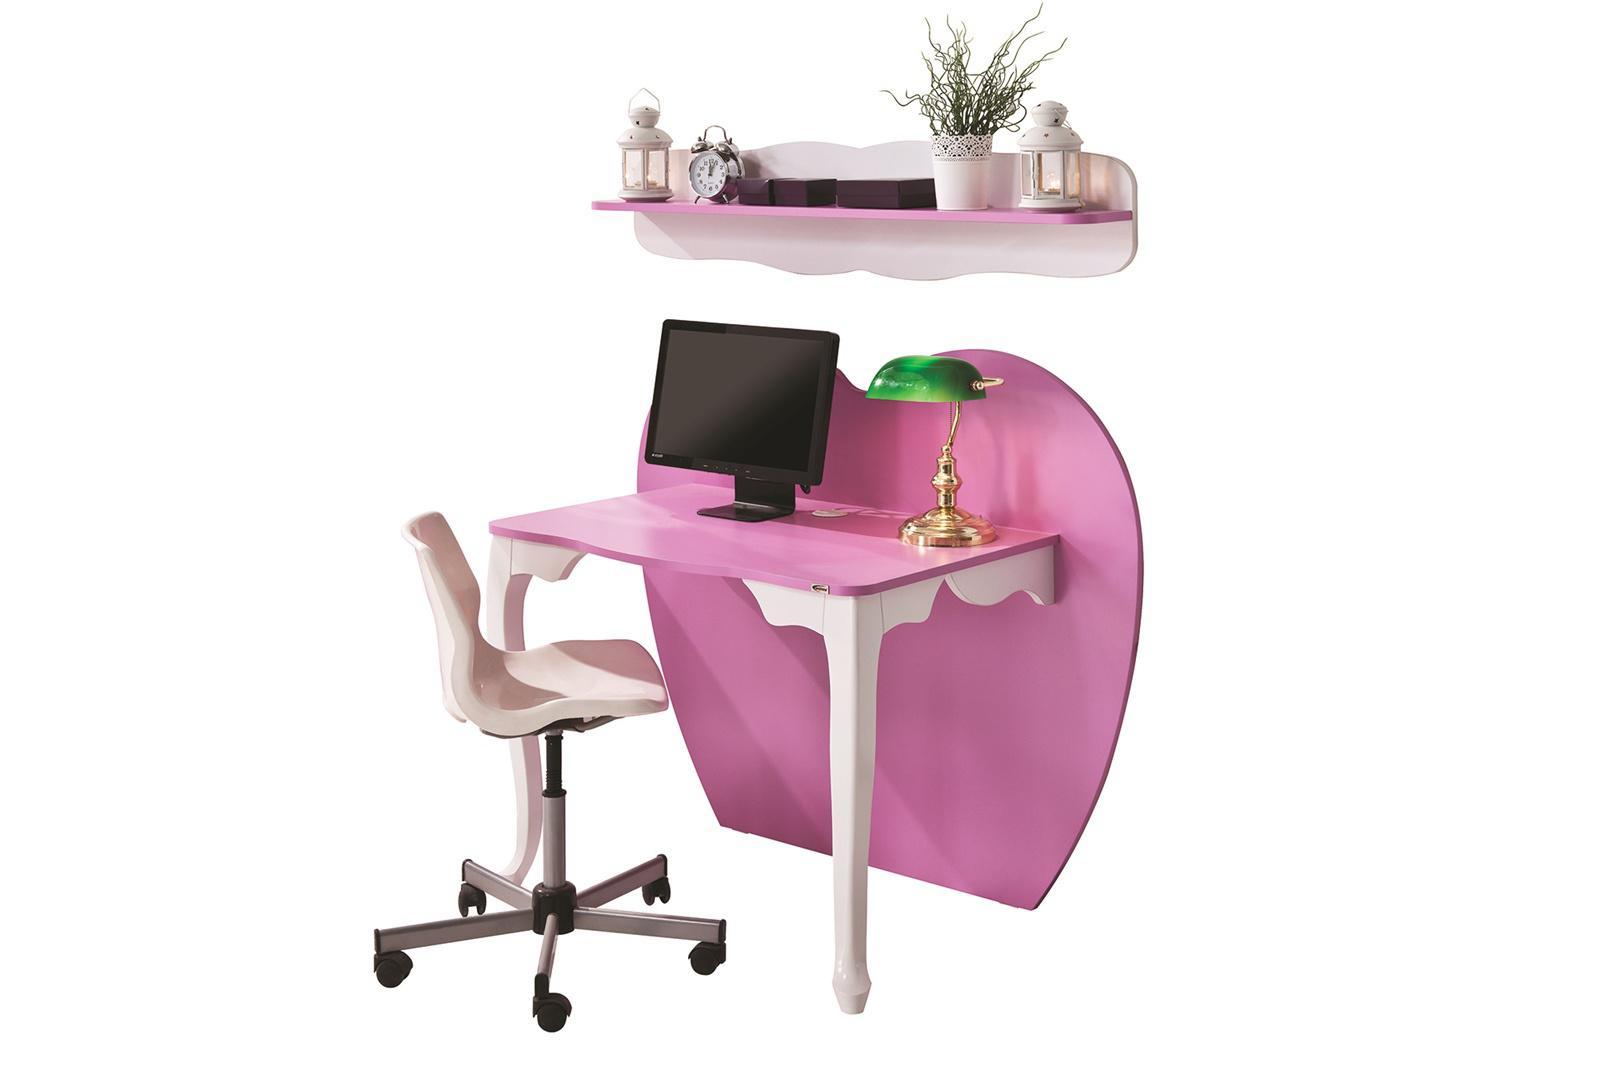 schreibtisch herz 2 teilig wei pink kaufen bei m bel lux. Black Bedroom Furniture Sets. Home Design Ideas